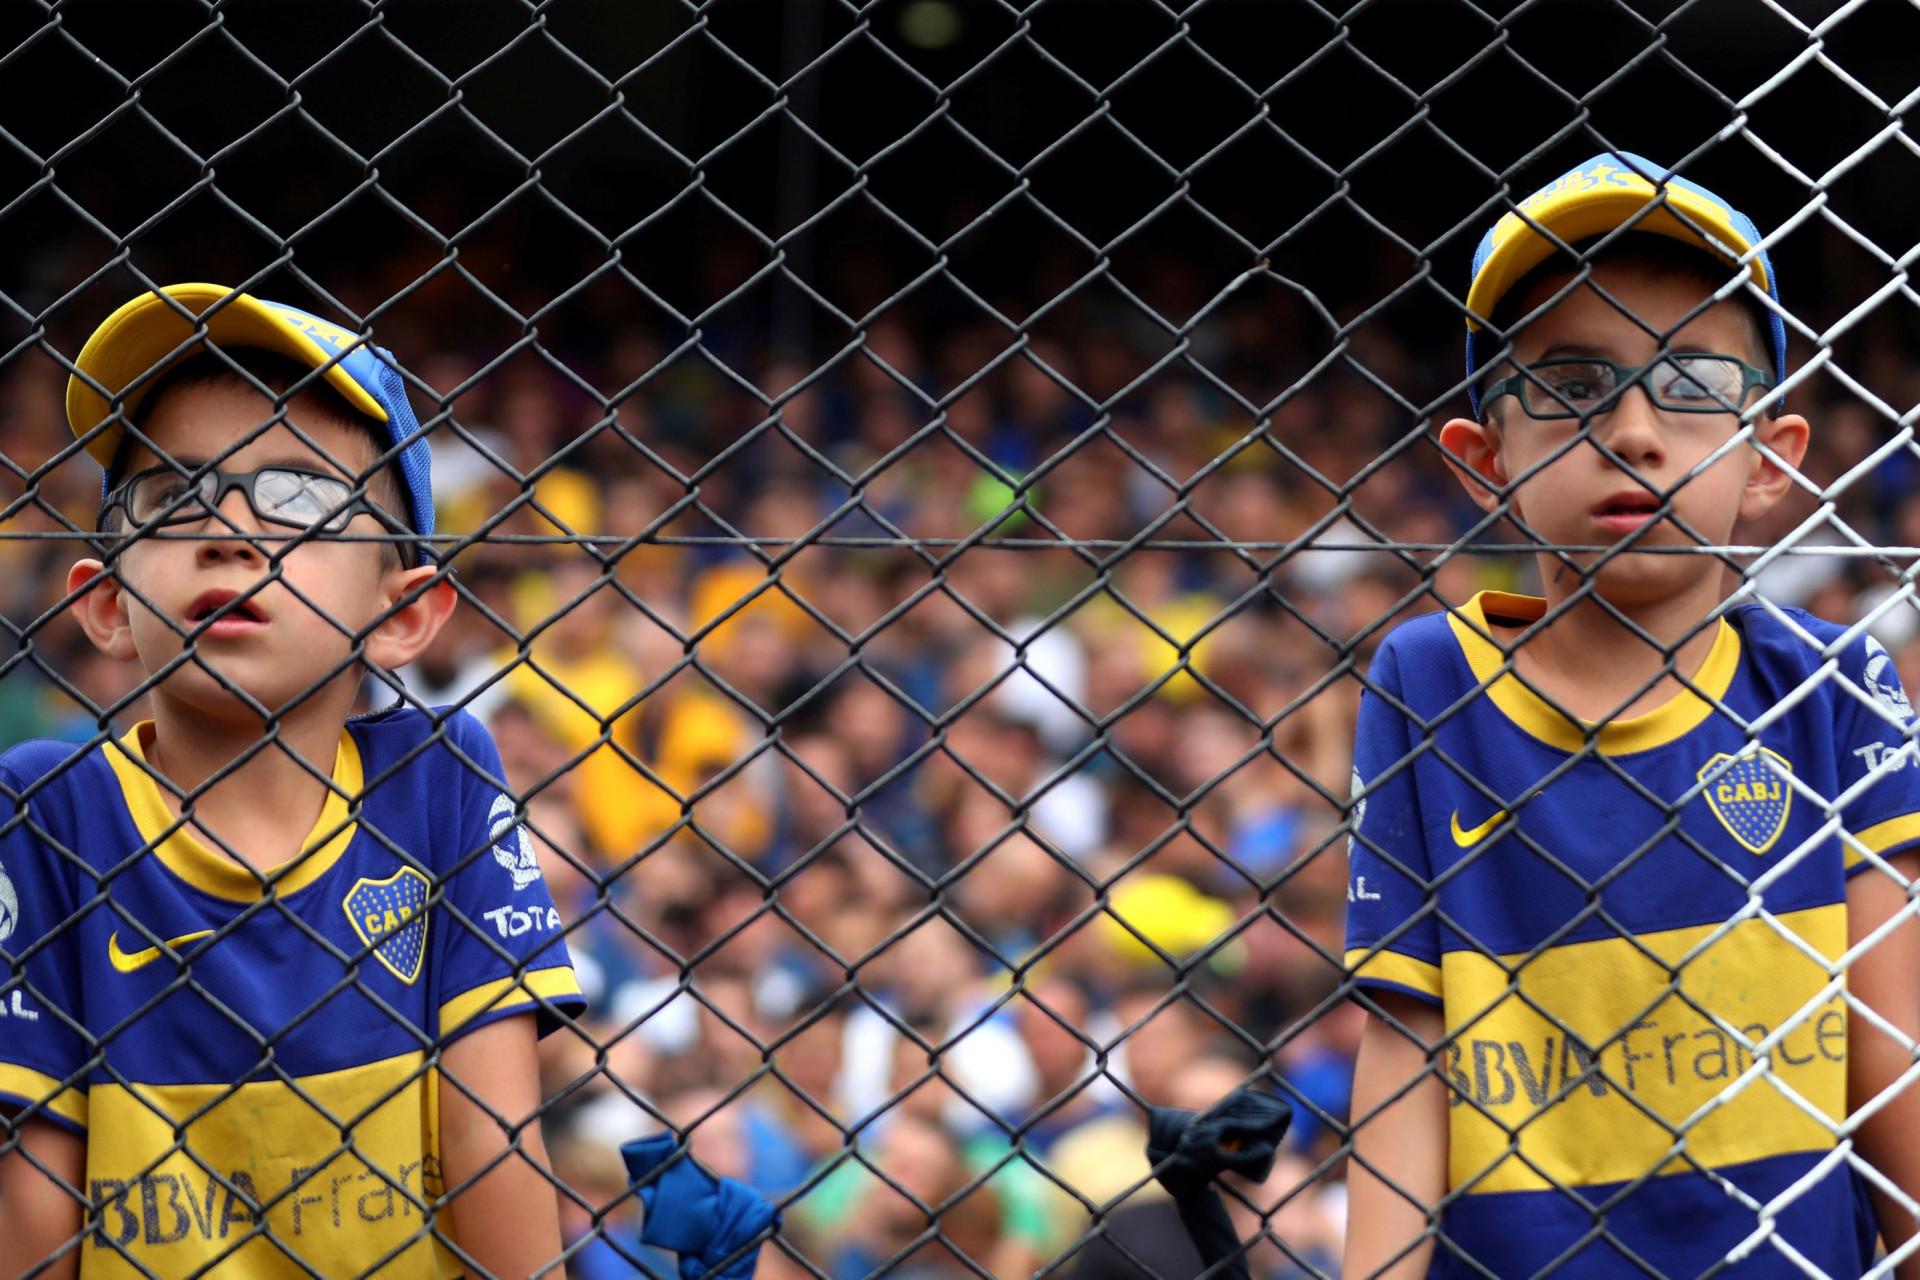 Copa Libertadores: O 'lado bom' de uma final marcada por confrontos